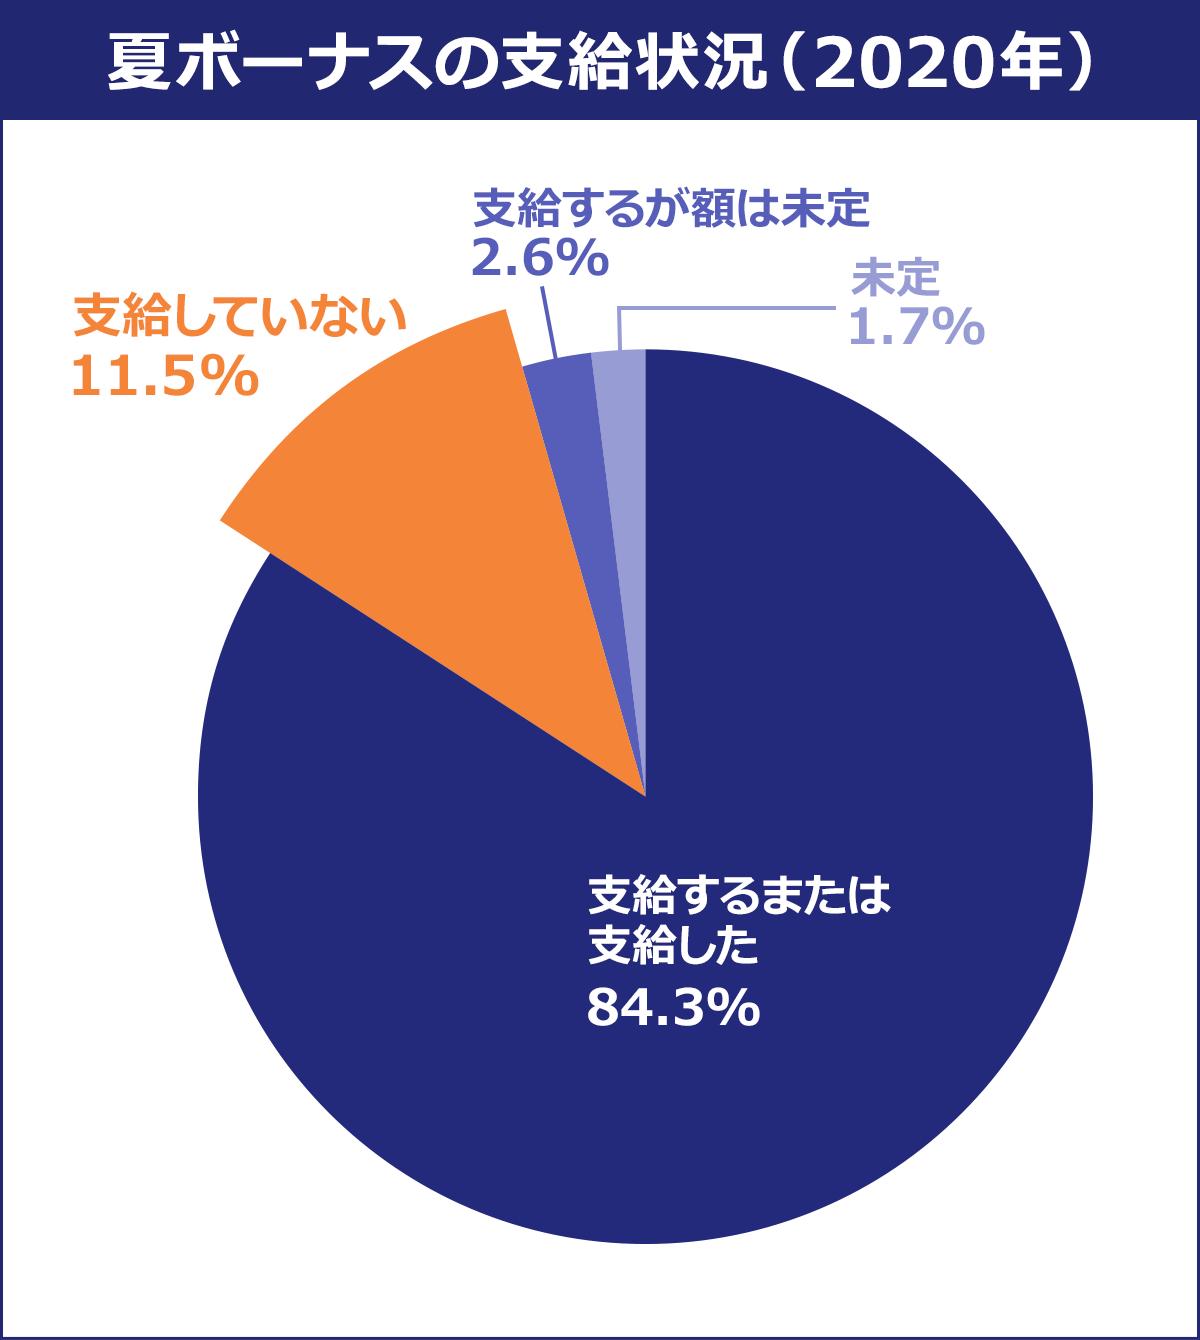 【夏ボーナスの支給状況(2020年)】 支給するまたは支給した/84.3% |支給していない/11.5% |支給するが額は未定/2.6% |未定/1.7%